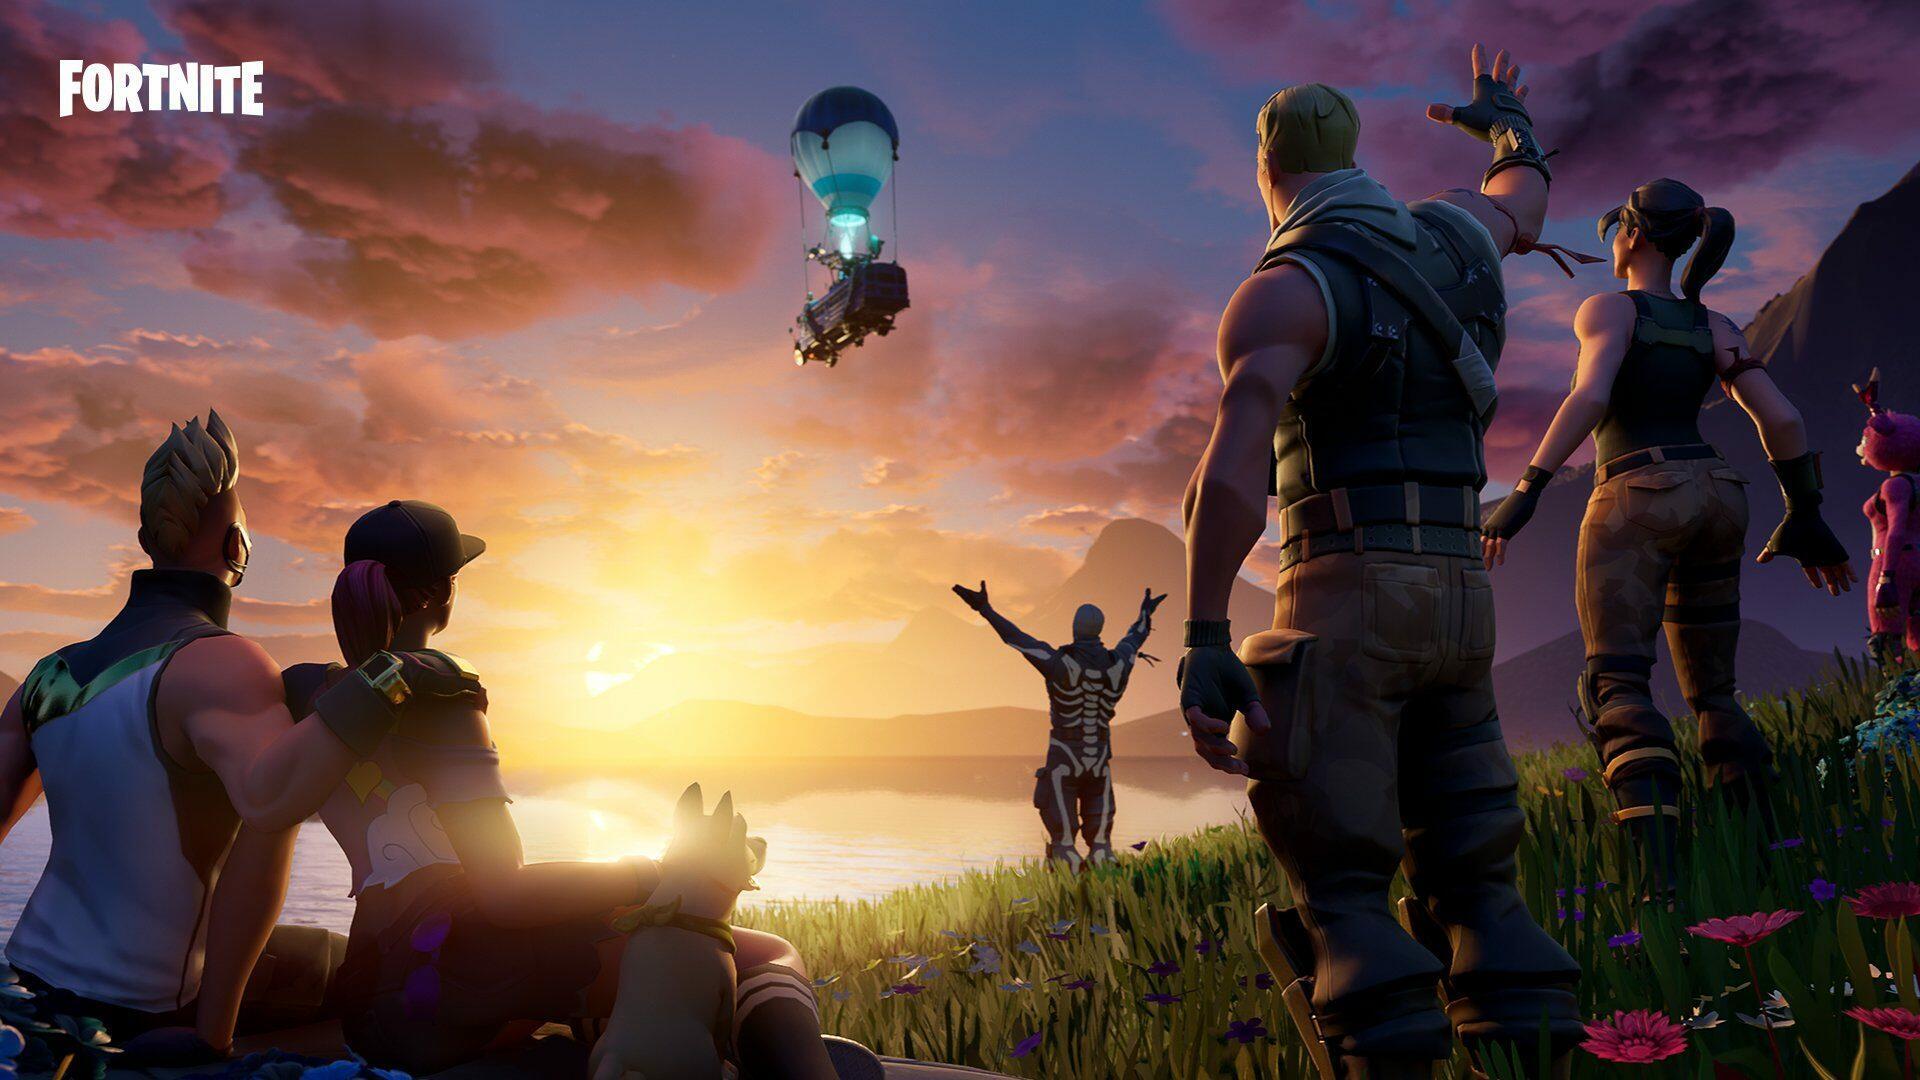 Quand va revenir le jeu Fortnite ? Le jeu est actuellement indisponible et Epic Games n'a pas communiqué.